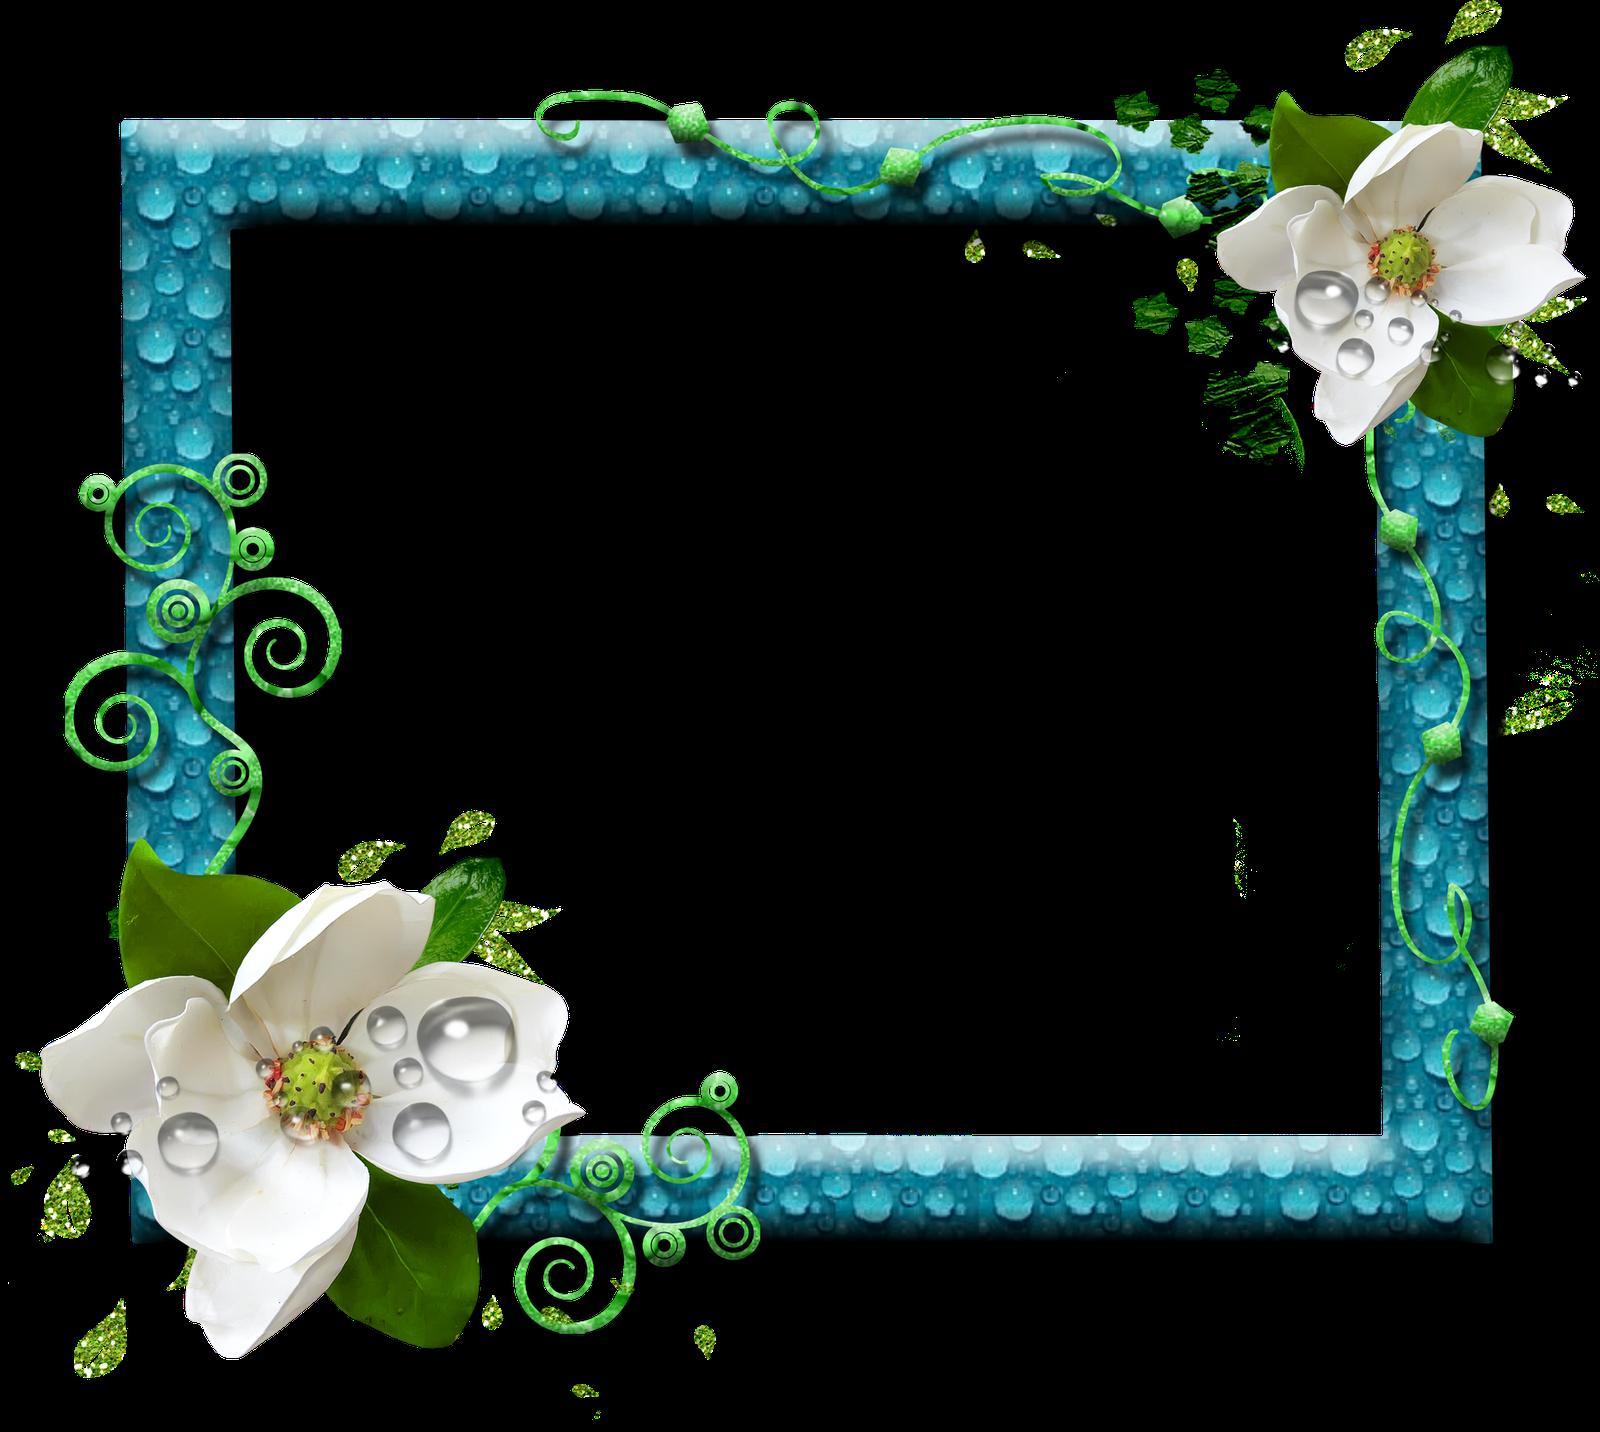 Marcos florales para fotos formato png gratis - Pared marcos fotos ...